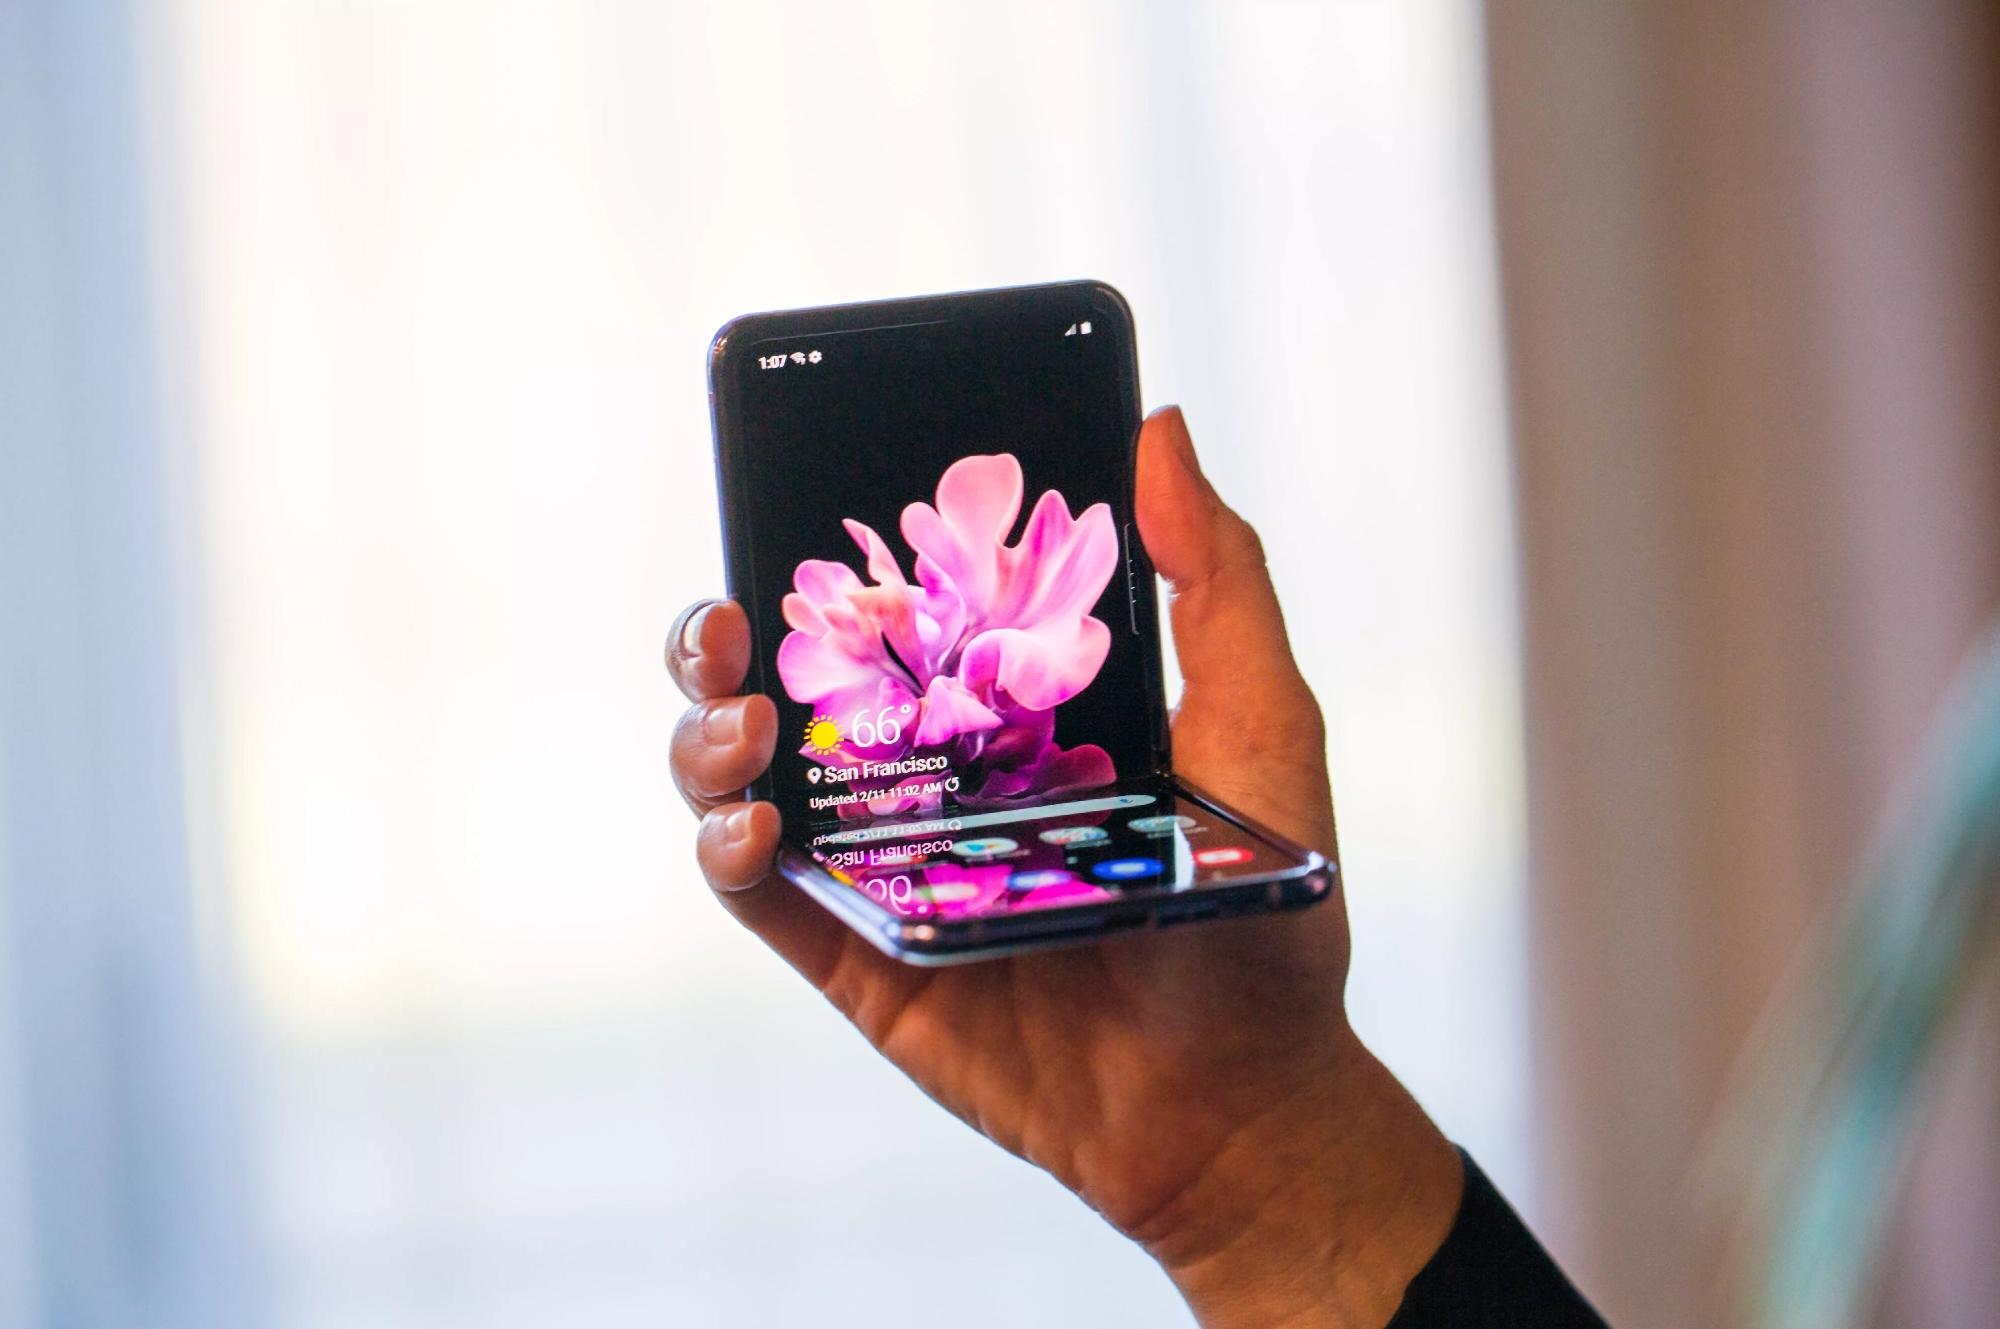 Никакого Galaxy Z Flip 2: следующая раскладушка Samsung с гибким дисплеем выйдет на рынок под названием Galaxy Z Flip 3